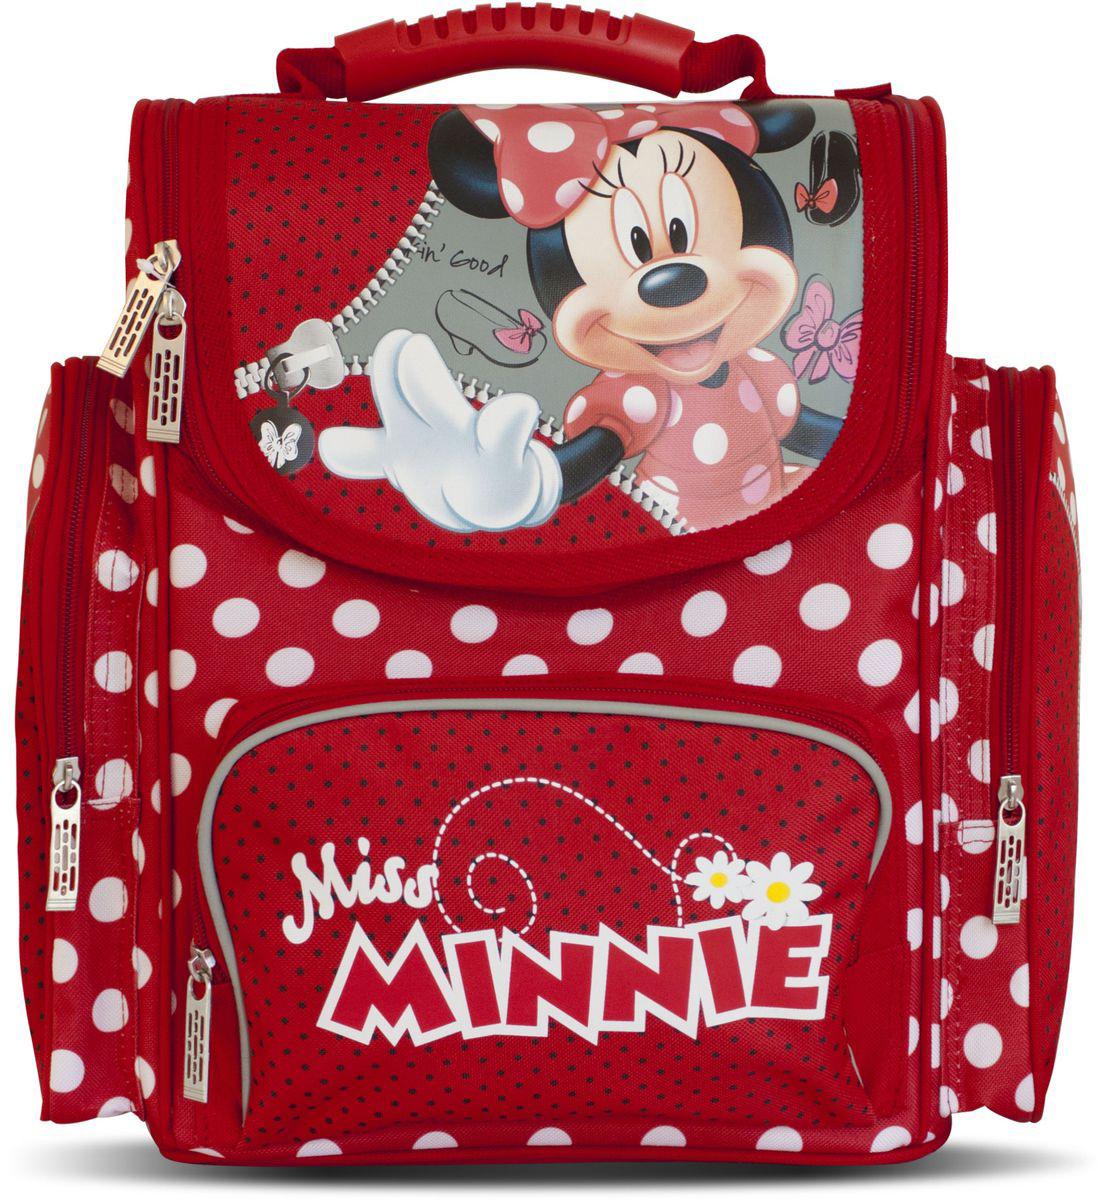 Disney Ранец школьный Miss Minnie29132Стильный школьный ранец Disney Miss Minnie обязательно привлечет внимание школьницы. Ранец имеет прочный каркас, поэтому вещи в нем не помнутся. Изделие имеет одно основное отделение, закрывающееся клапаном на застежку-молнию с двумя бегунками. Внутри находятся два мягких разделителя для тетрадей и учебников, фиксирующиеся на хлястик с липучкой. На внутренней части клапана имеется прозрачный пластиковый кармашек, в который можно поместить данные о владельце ранца. Дно изделия можно сделать жестким, разложив специальную панель с пластиковой вставкой, что повышает сохранность содержимого ранца и способствует правильному распределению нагрузки. На лицевой стороне находится карман на молнии. Ранец имеет два боковых накладных кармана, закрывающихся на застежки-молнии. Ортопедическая спинка, созданная по специальной технологии из дышащего материала, равномерно распределяет нагрузку на позвоночник. Мягкие широкие лямки анатомической формы повторяют естественный...